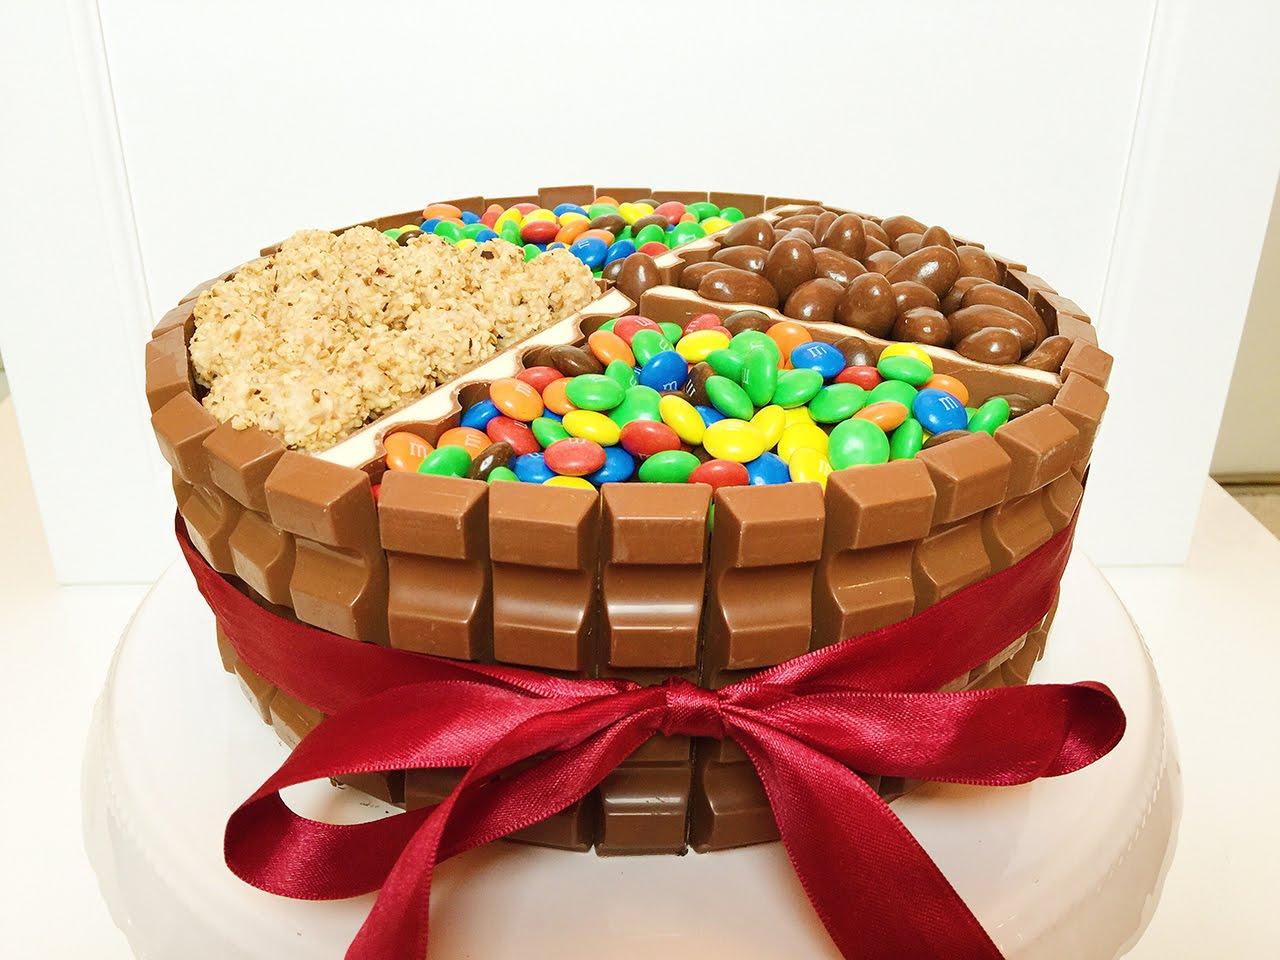 Video Und Rezept: Kinderschokoladen Torte, Ein | Club Of Cooks innen Geburtstagstorte Für Kinder